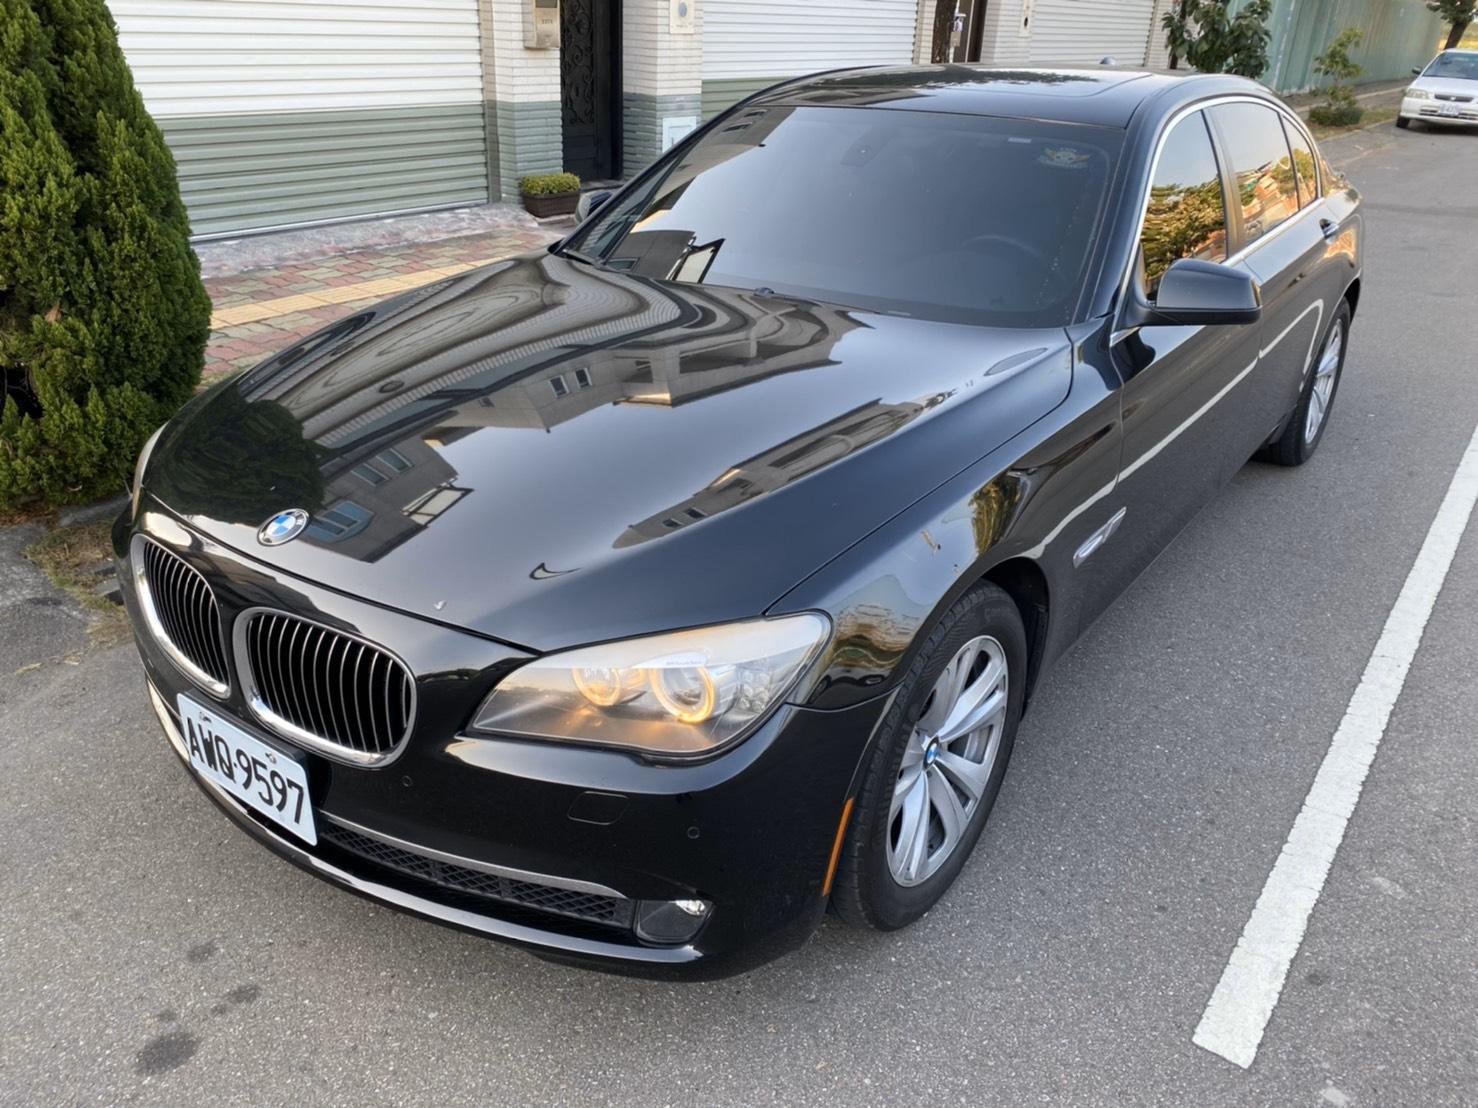 2012 BMW 寶馬 7-series